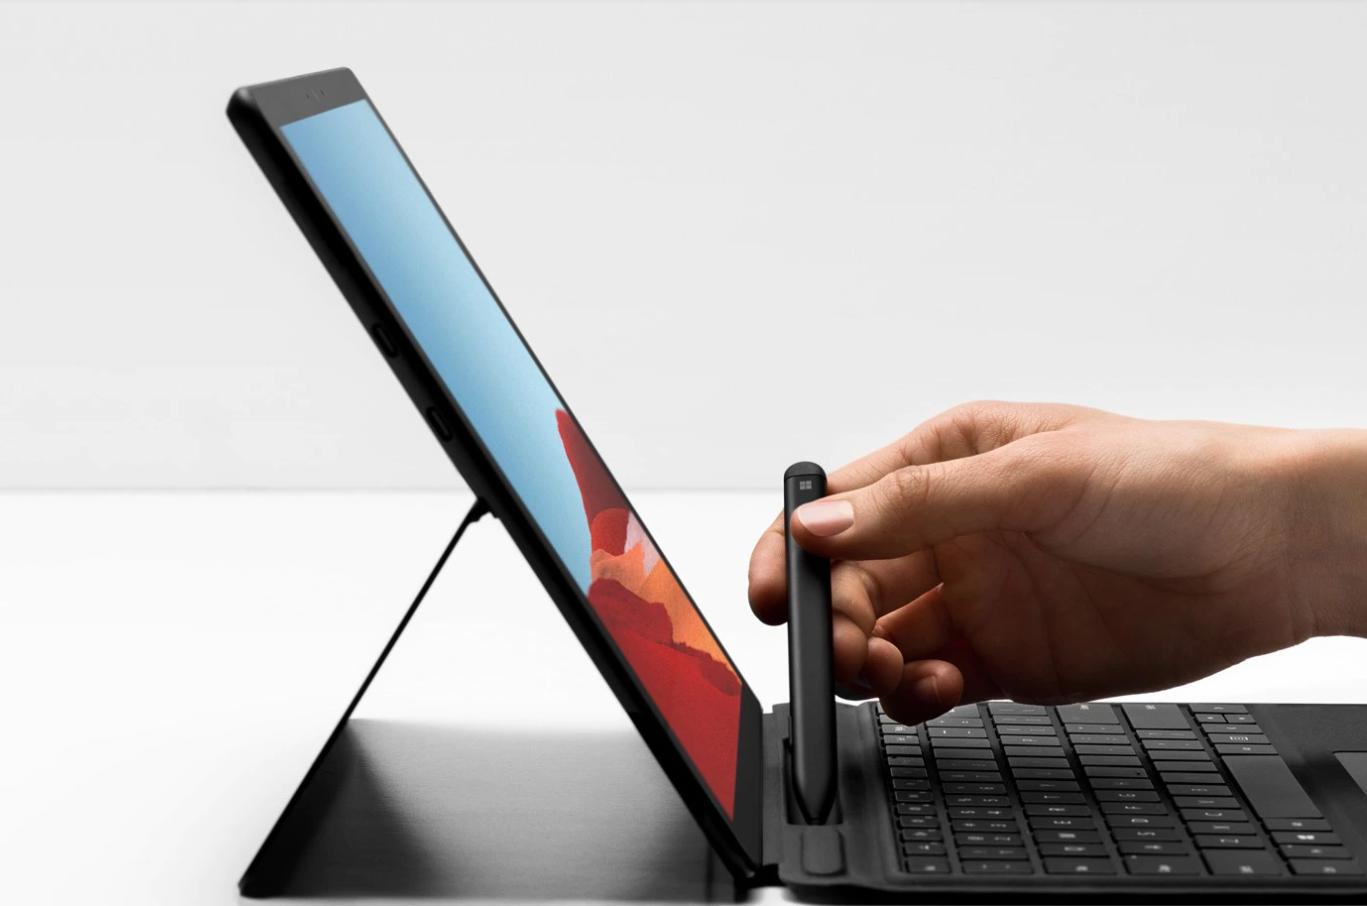 สรุปรีวิว Microsoft Surface Pro X แอปยังทำงานกับชิป ARM ไม่สมบูรณ์